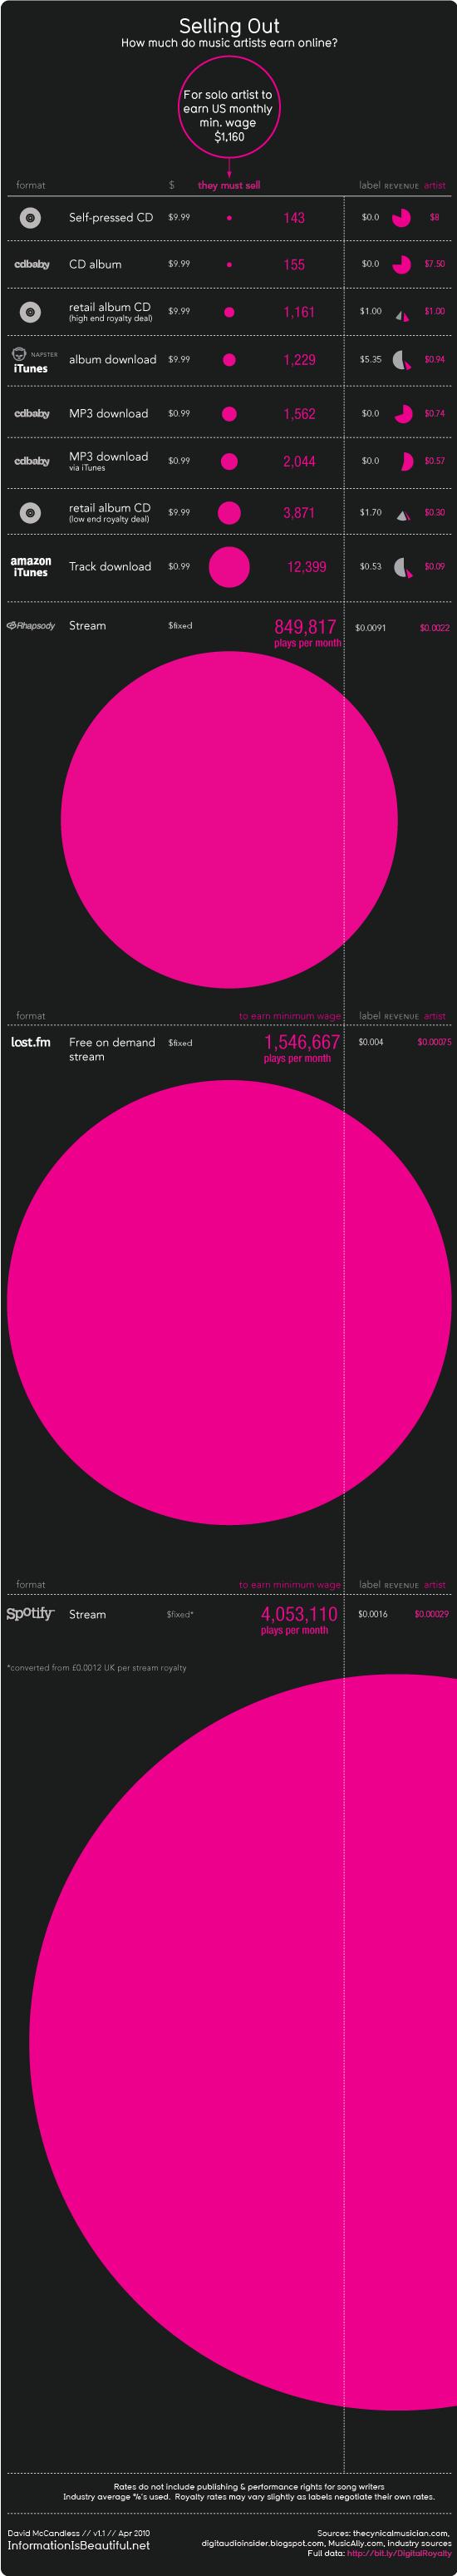 Infographie sur le partage des revenus entre artistes et majors